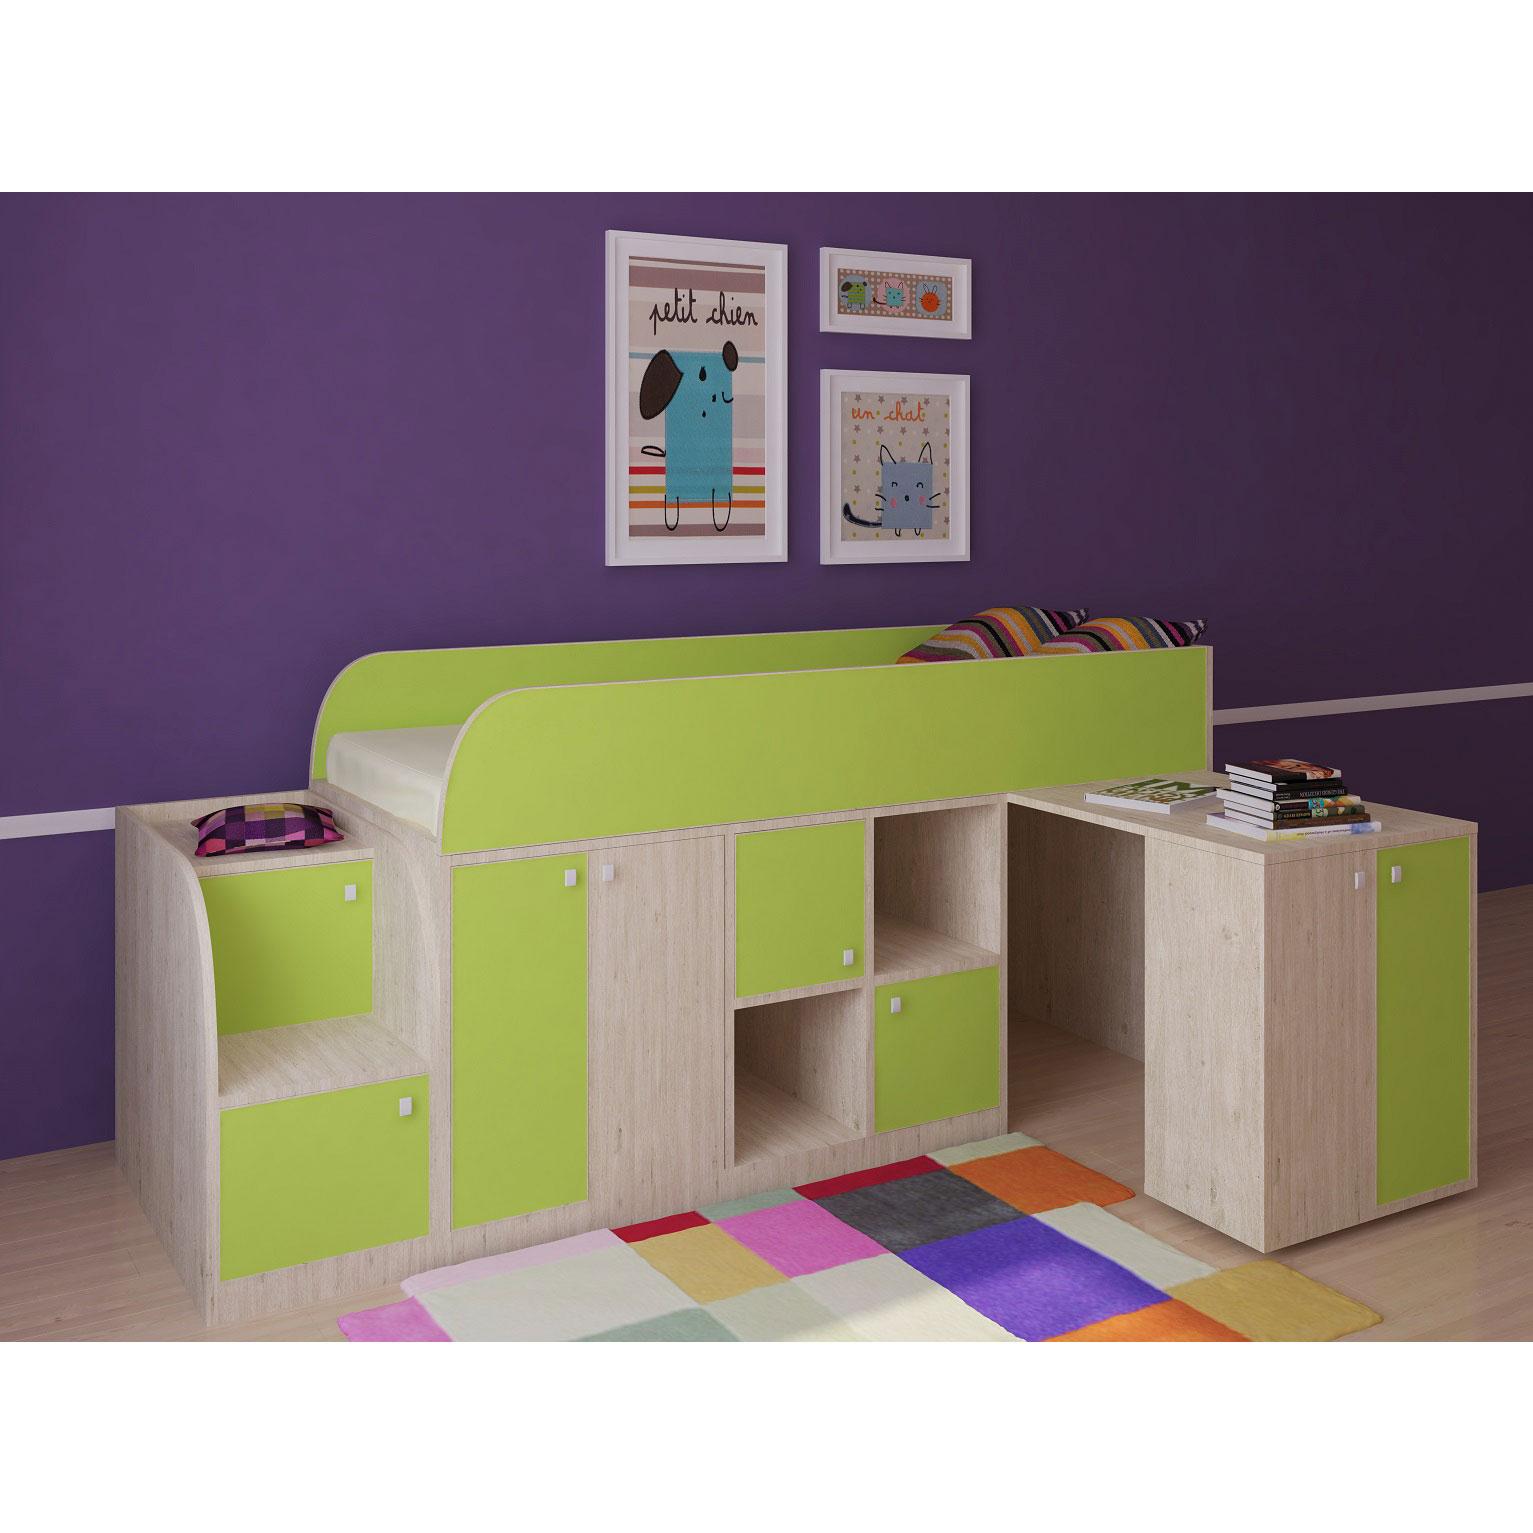 Набор мебели РВ-Мебель Астра мини Дуб молочный/Салатовый